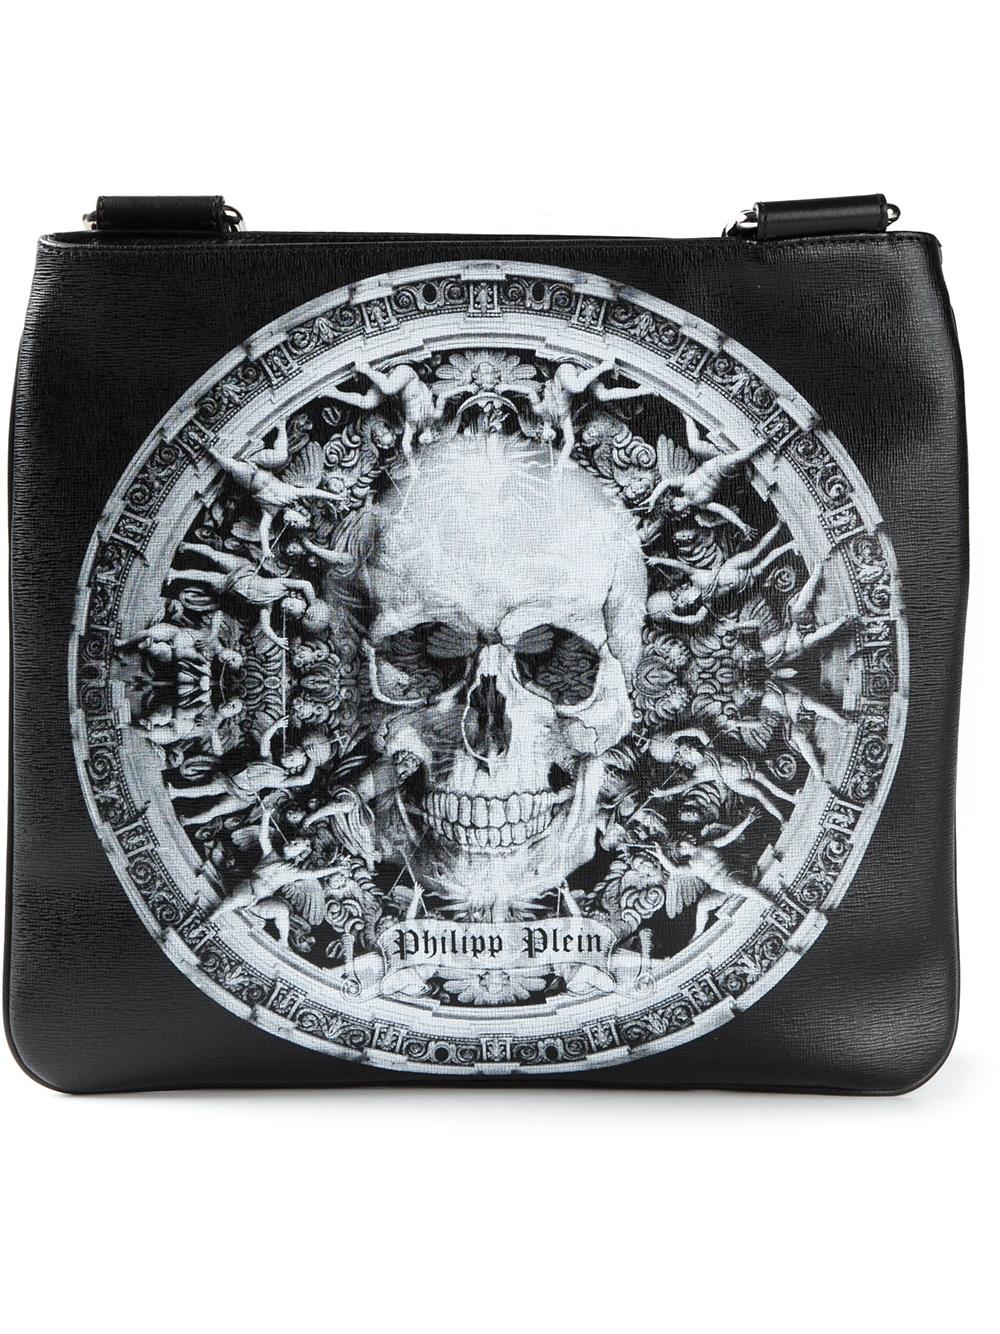 02f4d89592 Philipp Plein Skull Print Messenger Bag in Black for Men - Lyst